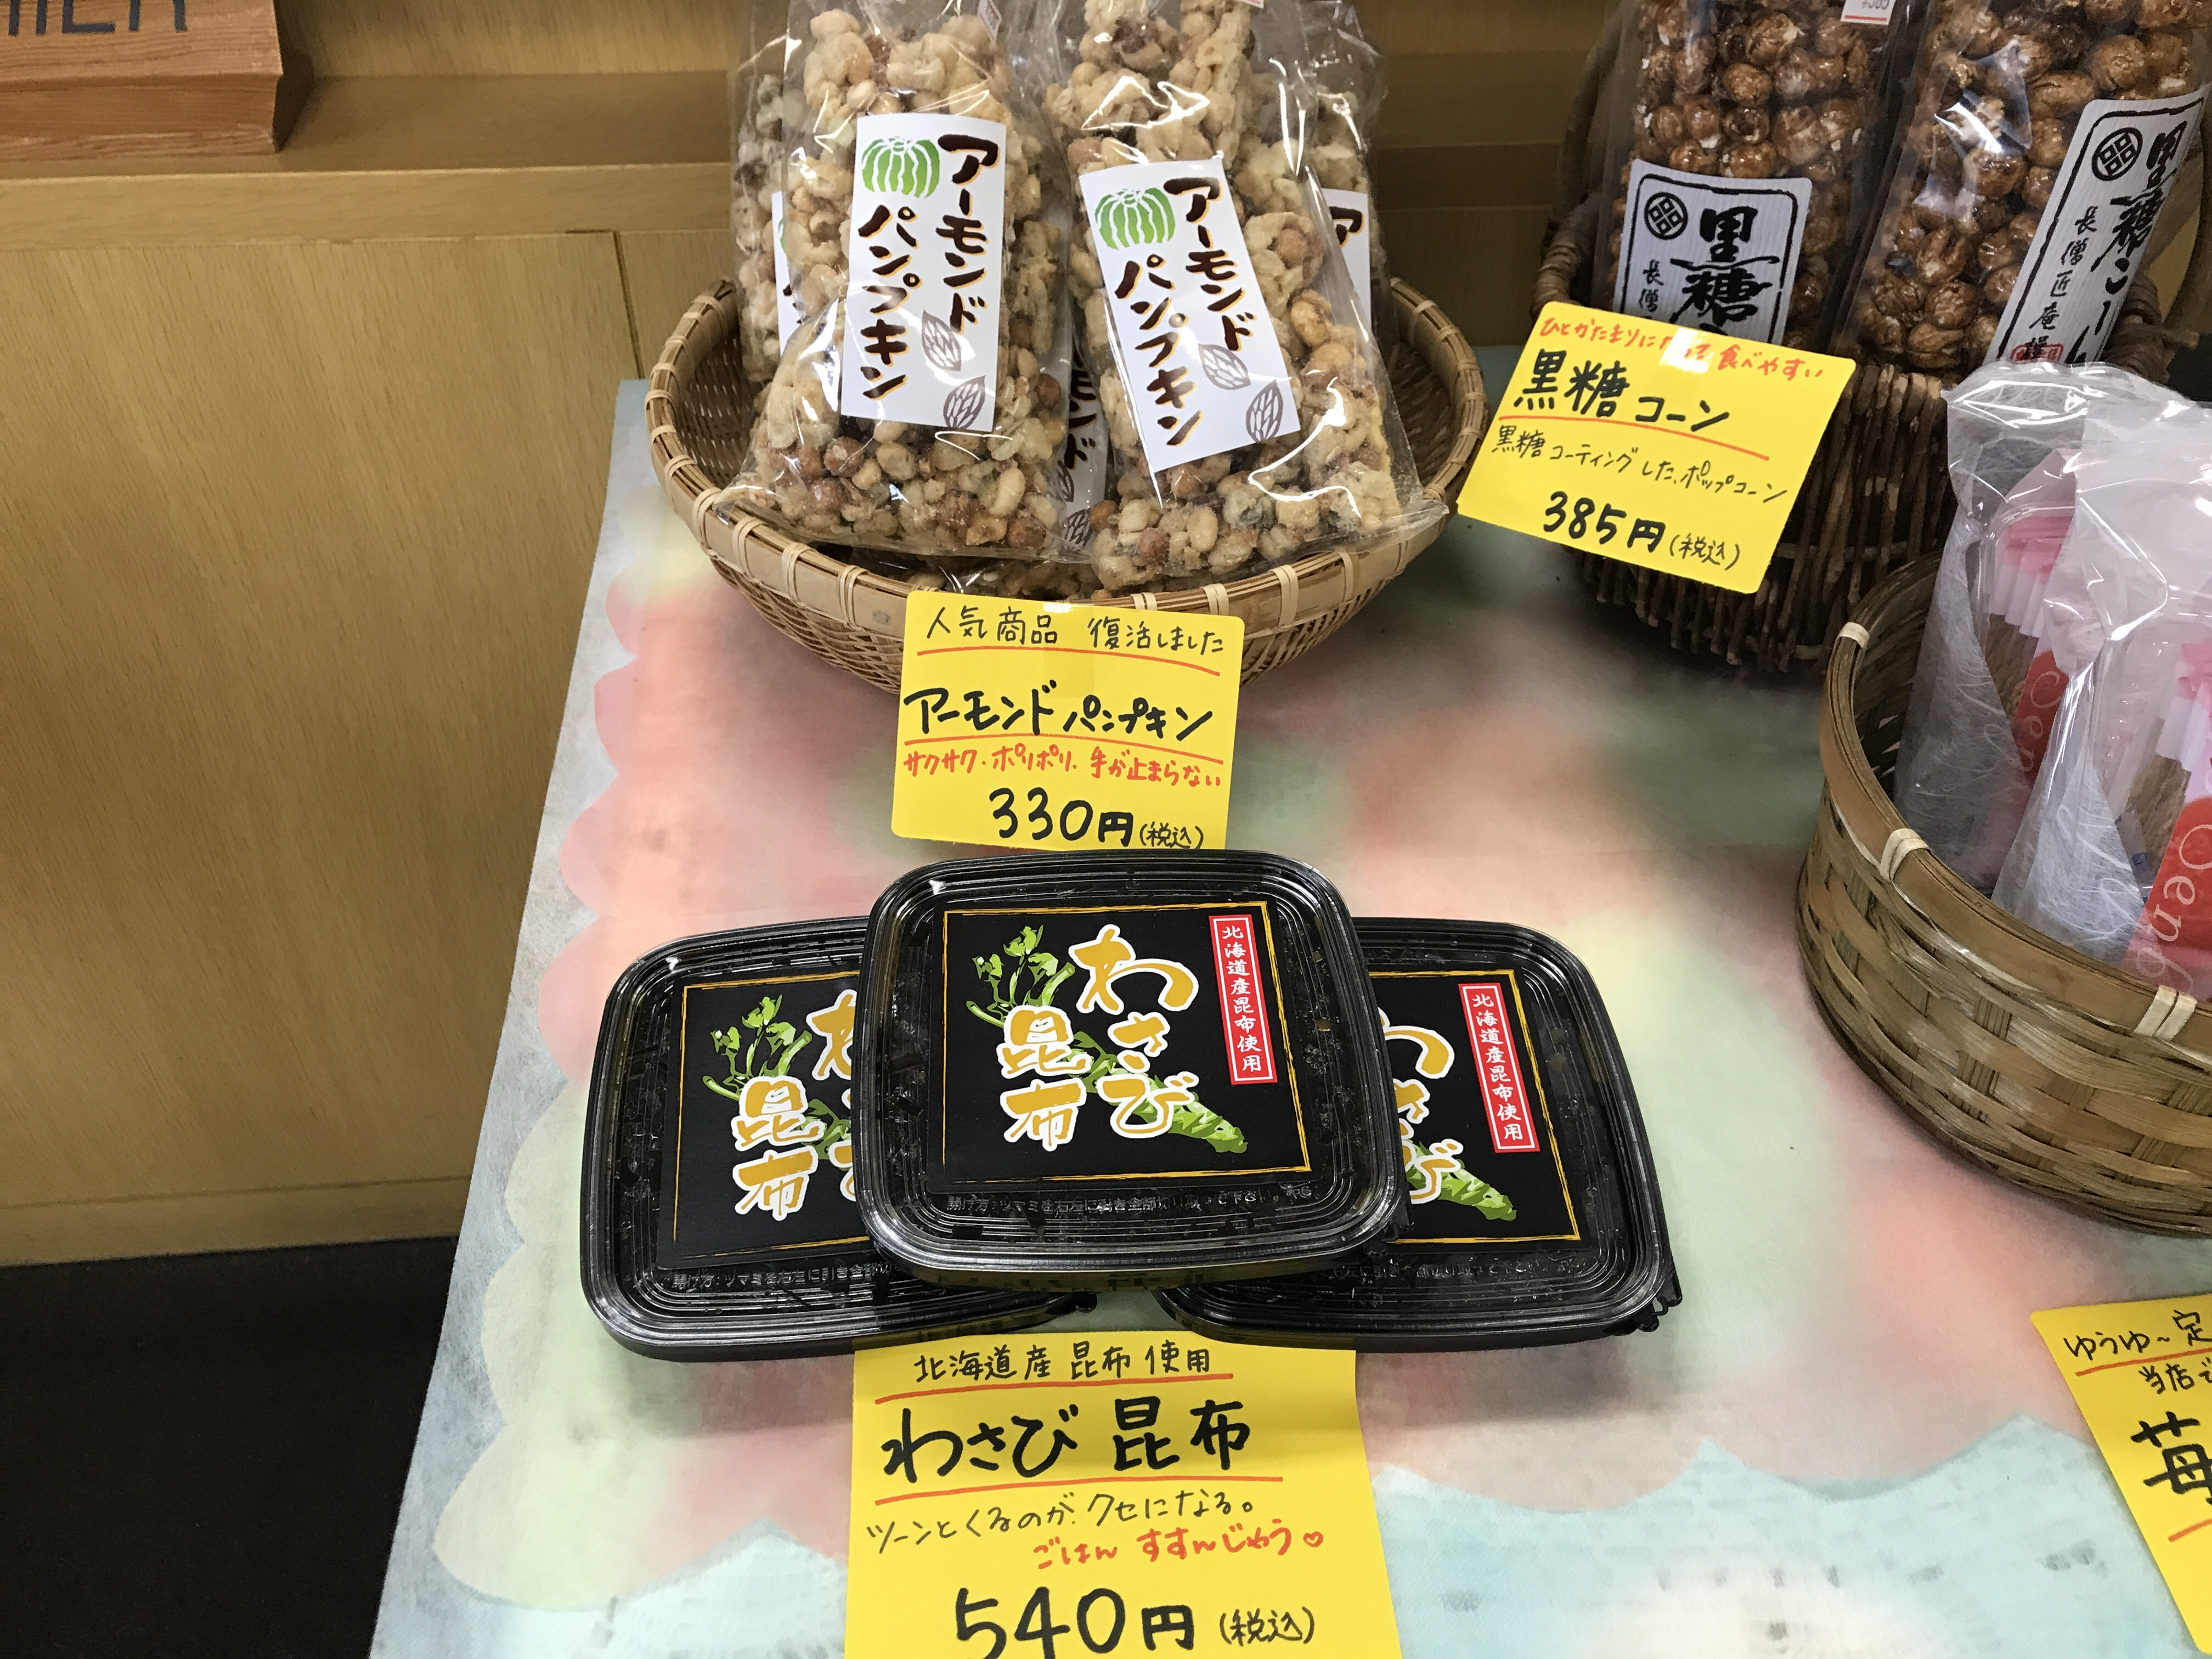 遊湯ぴっぷの売れ筋商品